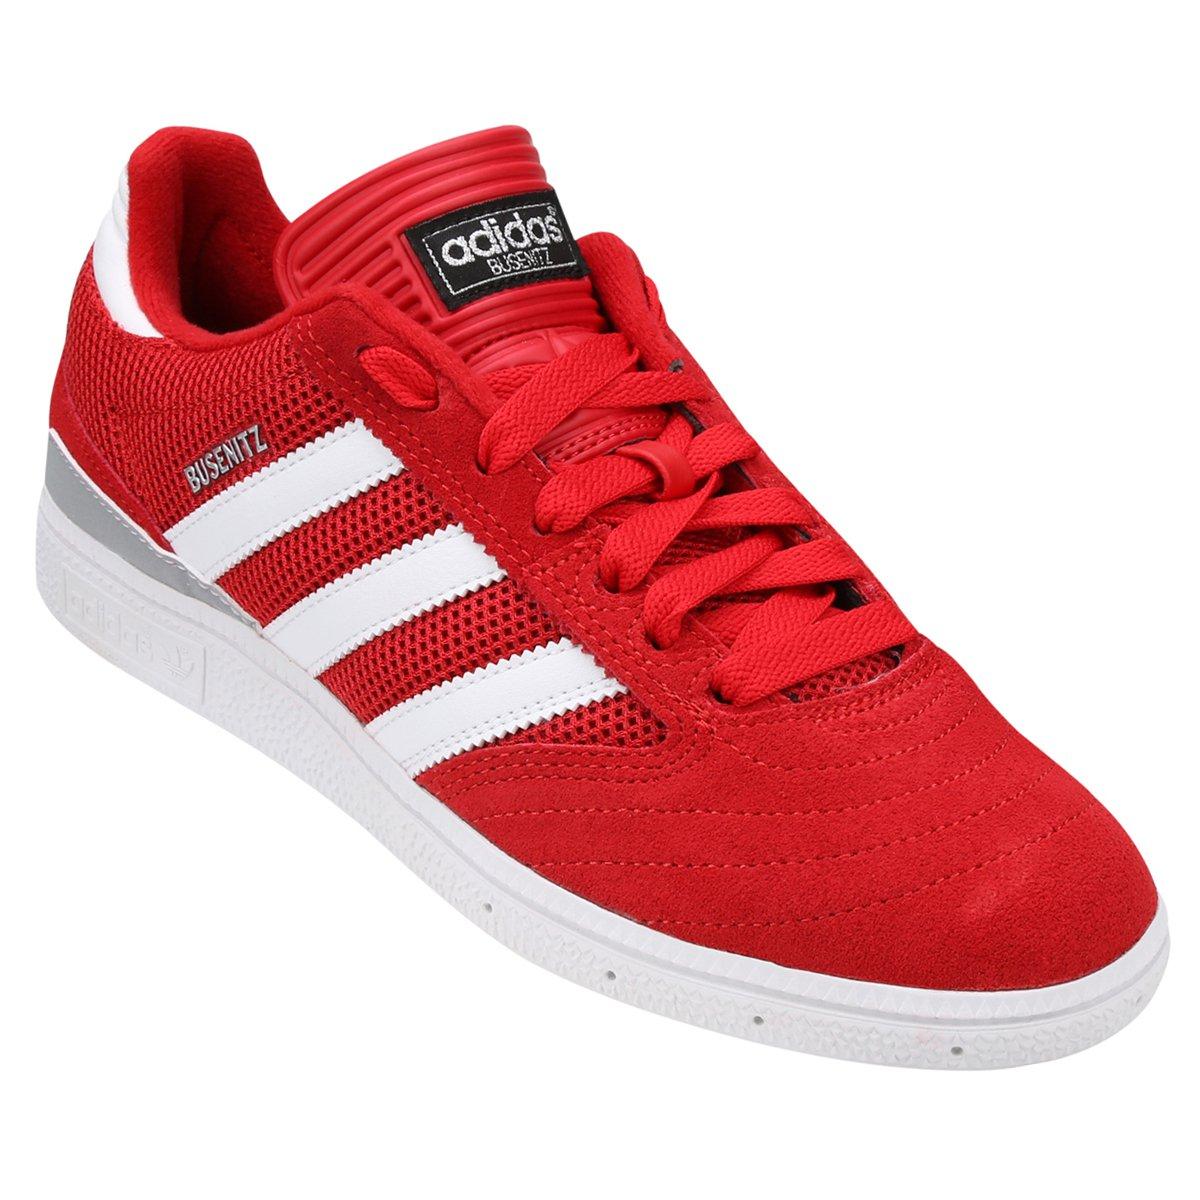 Tênis Adidas Busenitz Clima - Compre Agora  2074488282931